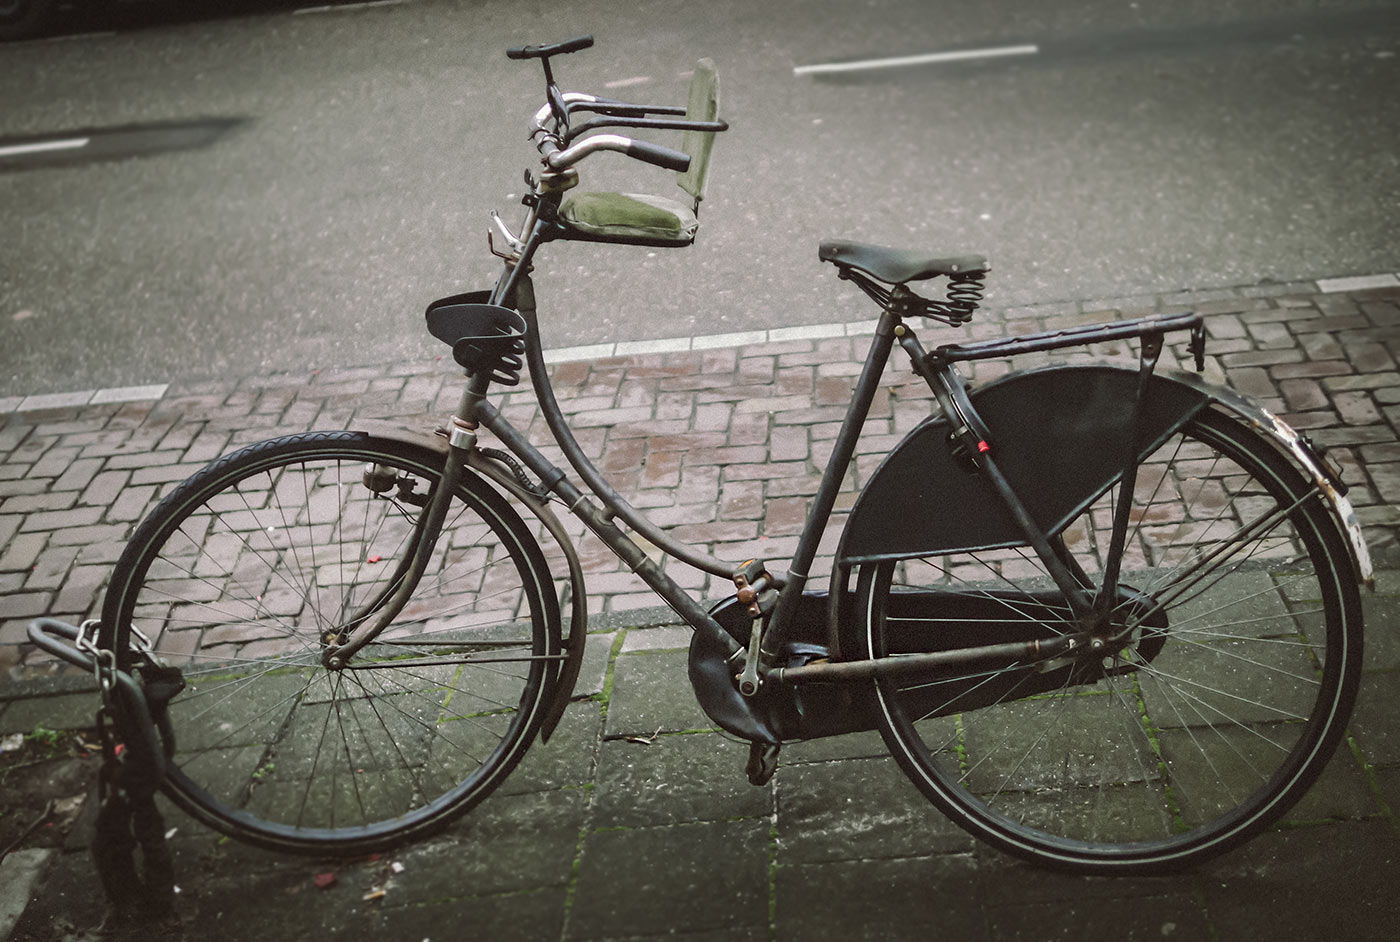 hauntedbike1